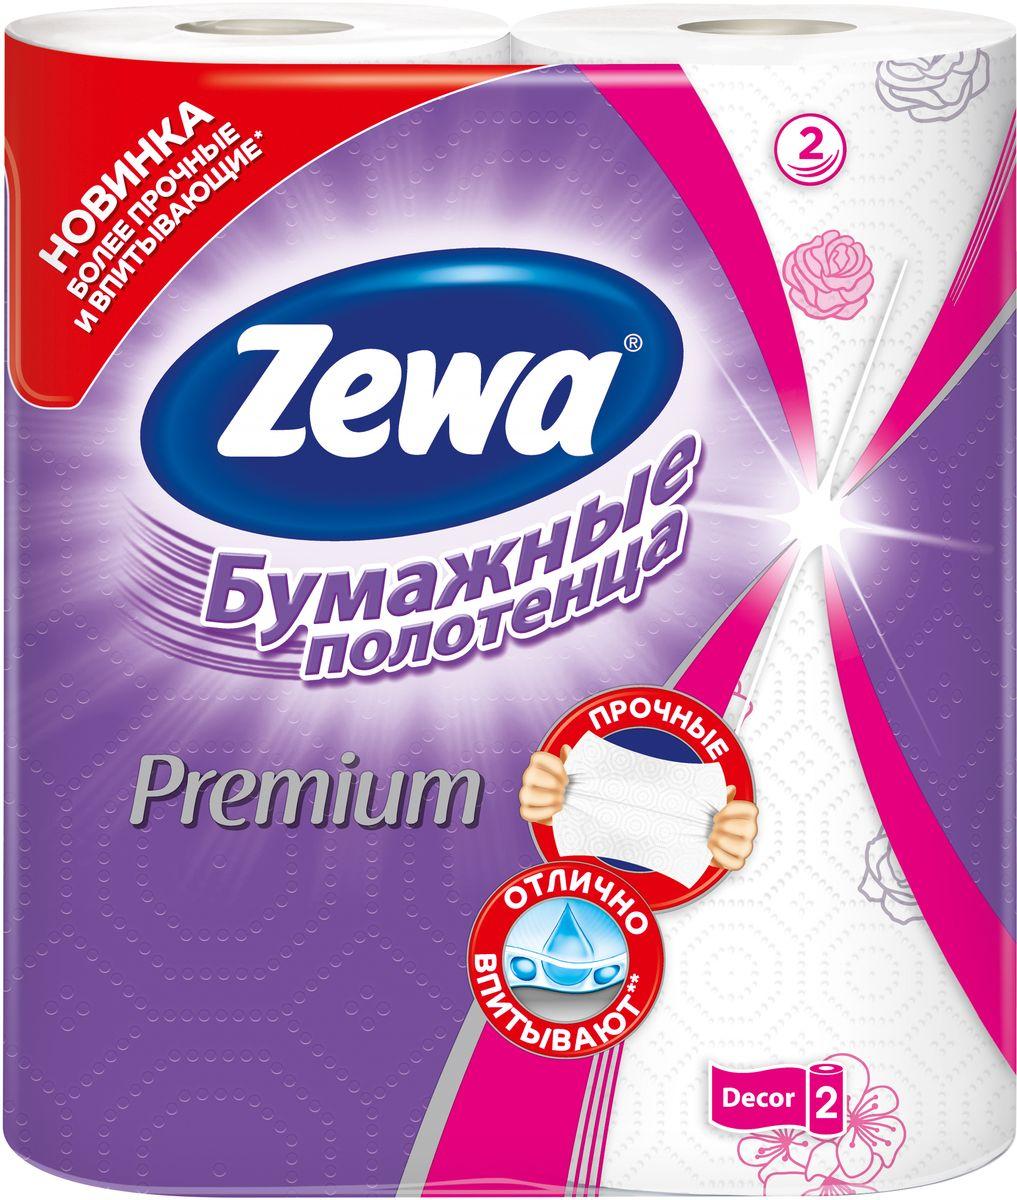 Бумажные полотенца Zewa Premium Decor, 2 рулона6369/144122Белые 2-х слойные бумажные полотенца улучшенного качества с цветным рисунком2 рулона в упаковкеСостав: целлюлозаПроизводство: РоссияУважаемые клиенты! Обращаем ваше внимание на возможные изменения в дизайне упаковки. Качественные характеристики товара остаются неизменными. Поставка осуществляется в зависимости от наличия на складе.